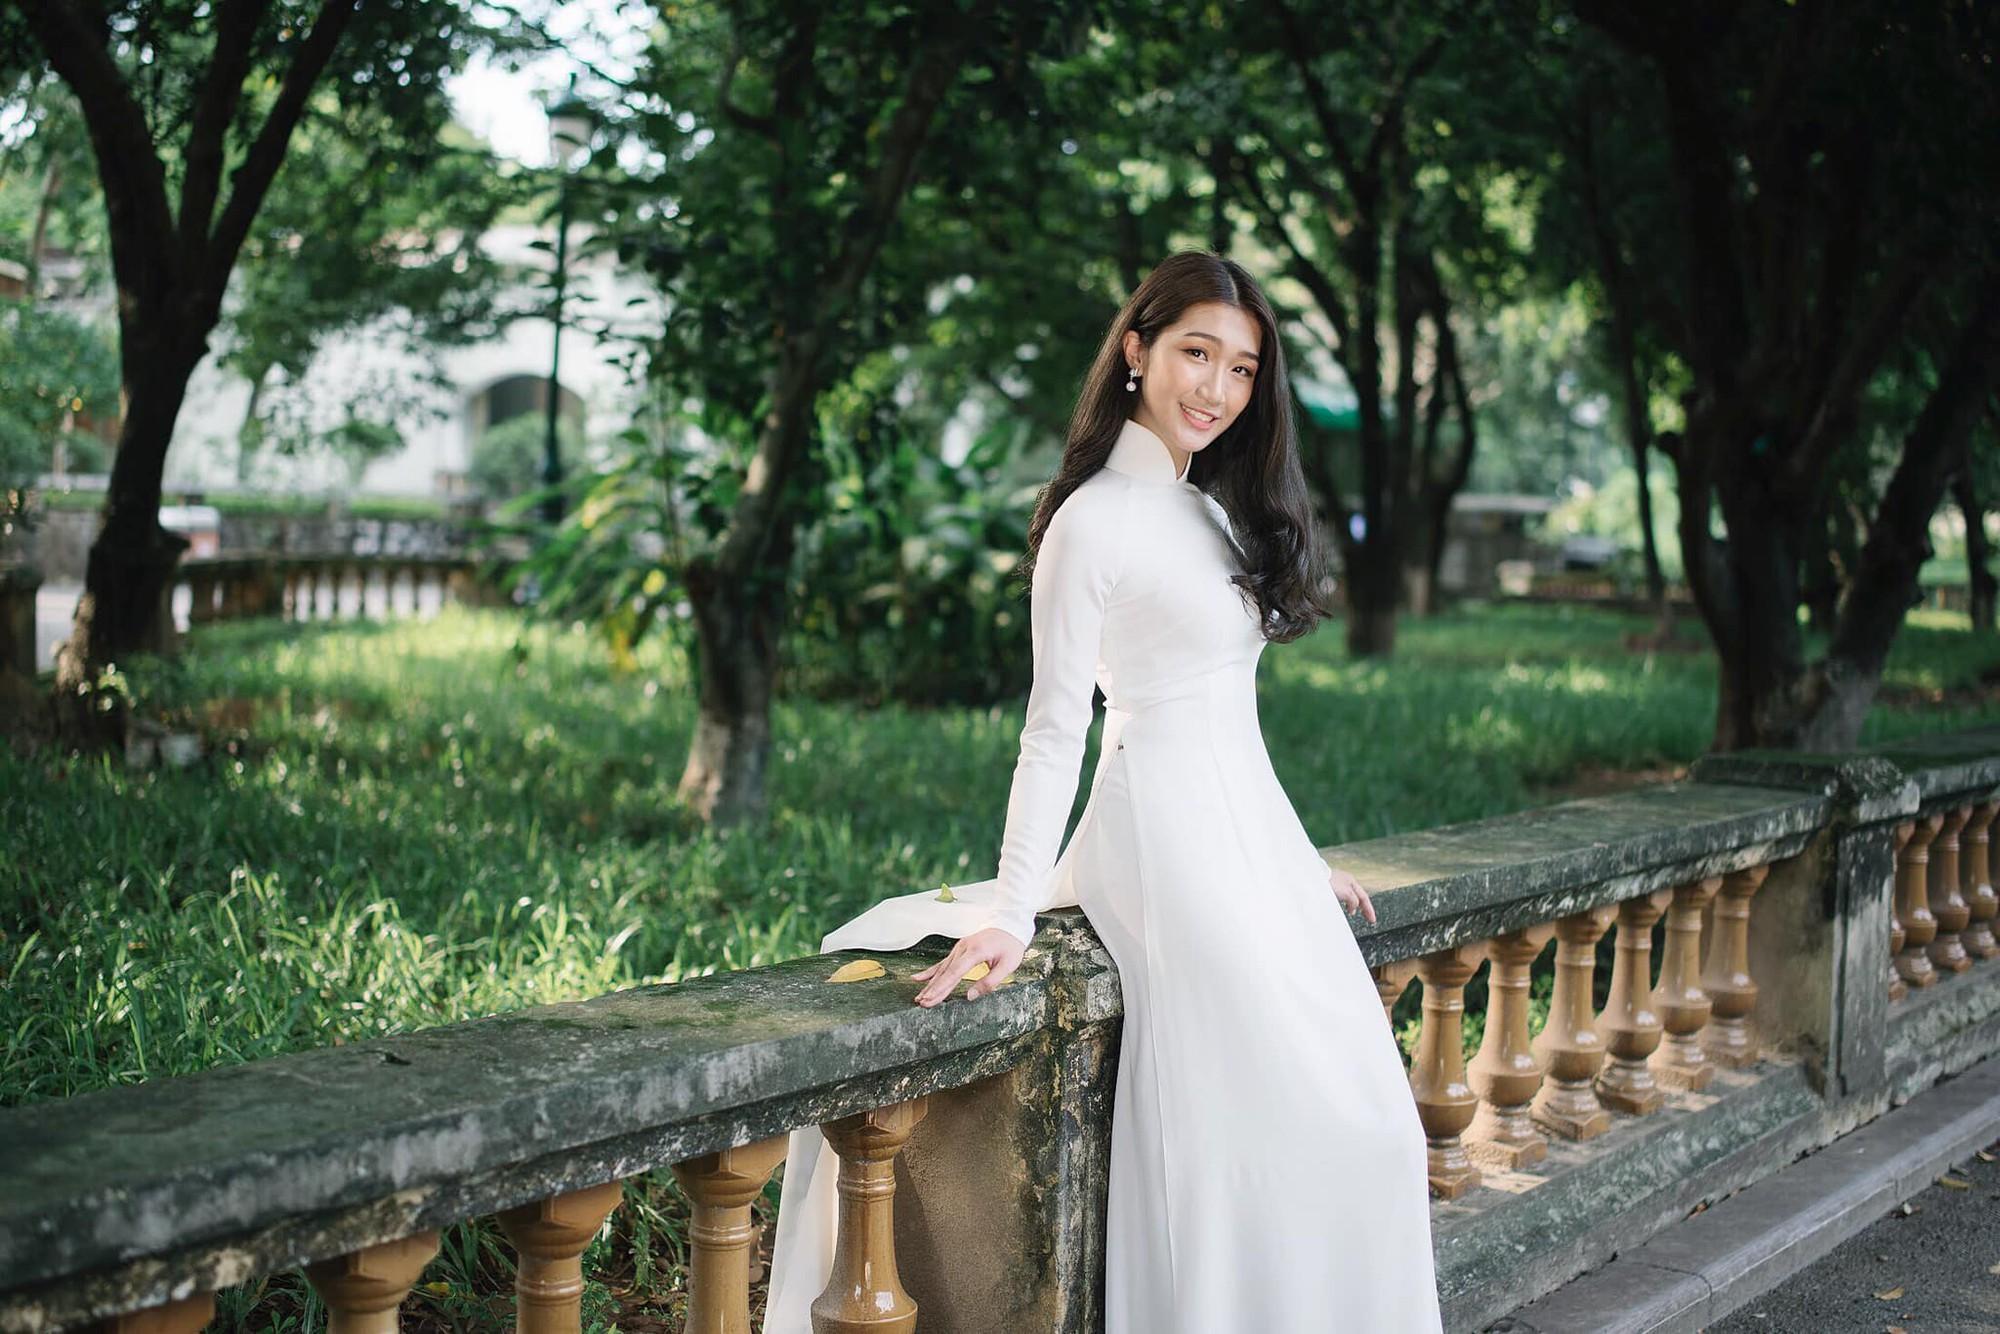 Dàn cực phẩm lọt chung kết Hoa hậu thế giới Việt Nam 2019: Toàn là Hoa khôi, Á khôi các cuộc thi sắc đẹp sinh viên! - Ảnh 12.